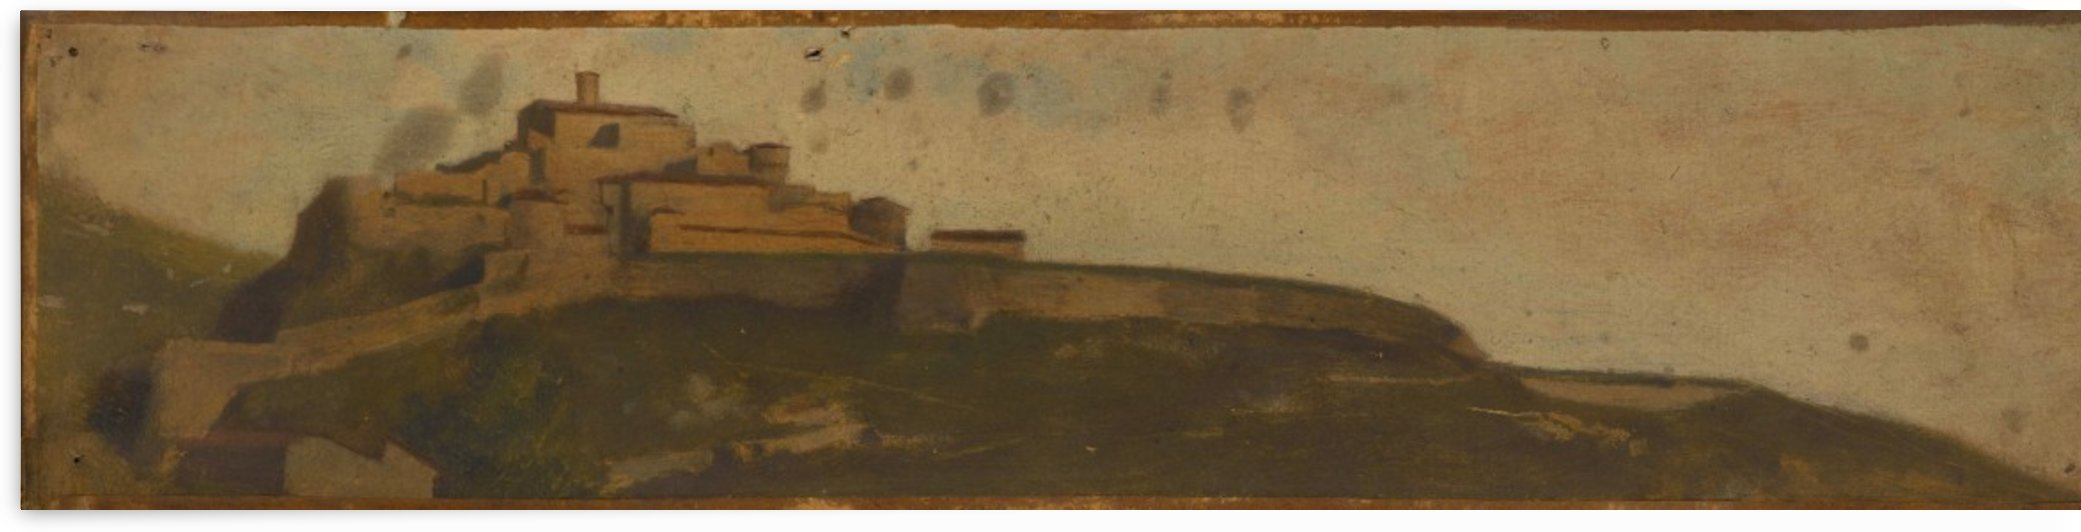 Paysage d Italie village fortifie sur la colline by Jean-Jacques Henner